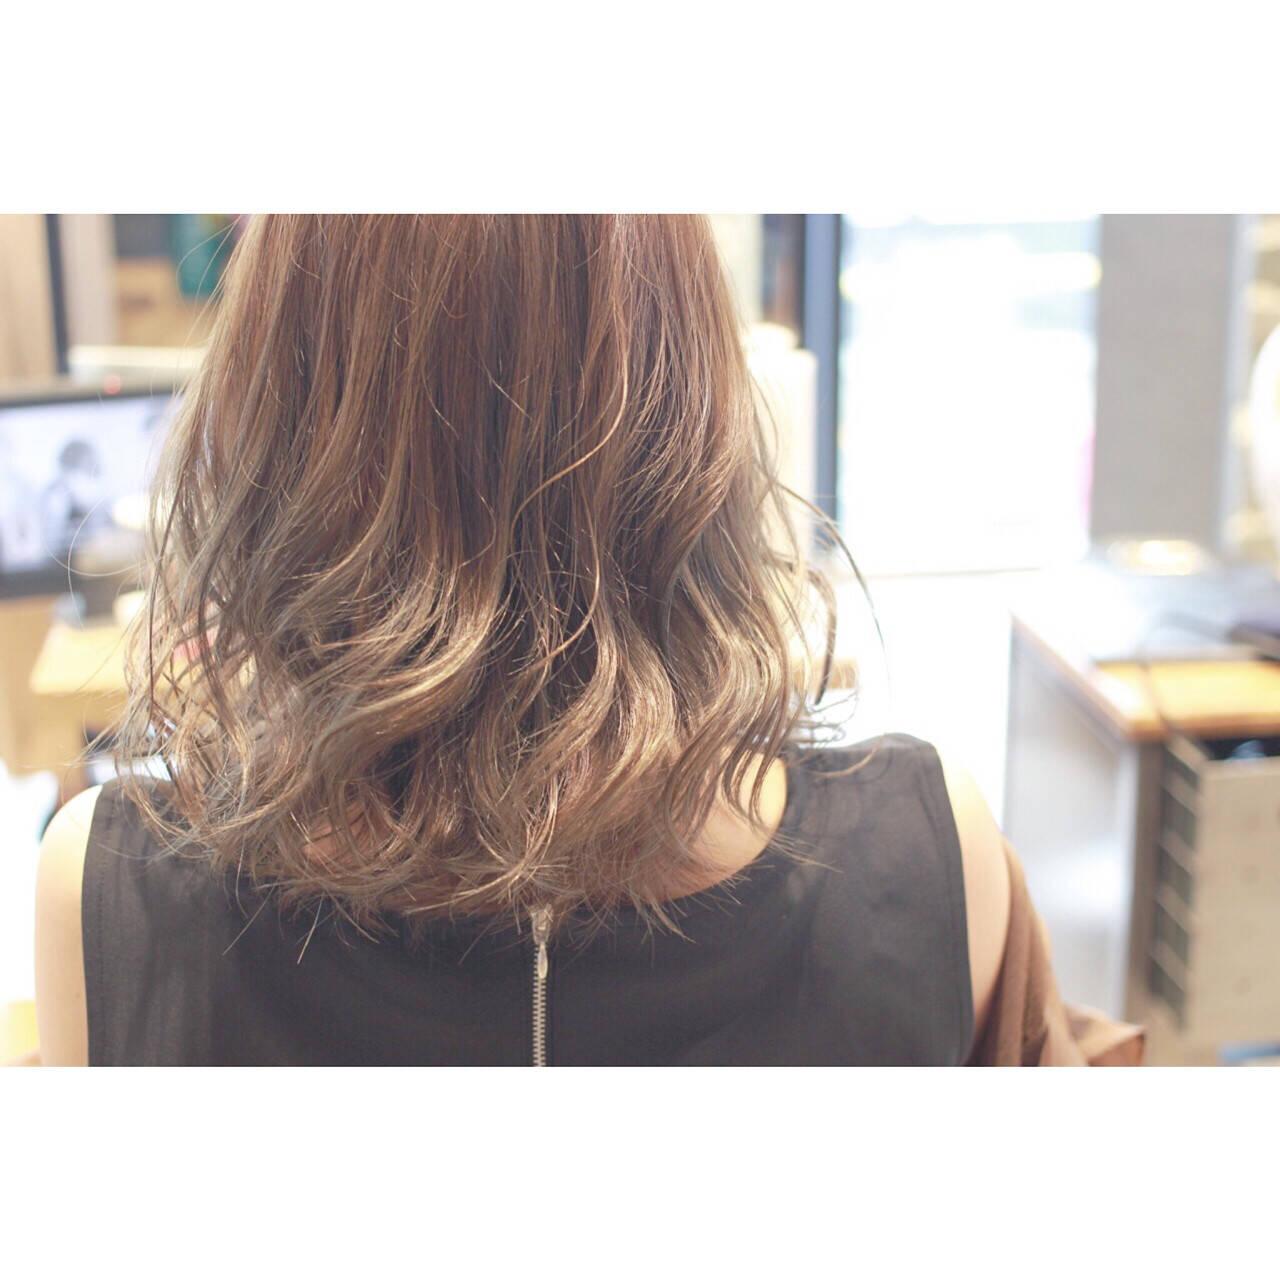 ゆるふわ ハイライト フェミニン 大人かわいいヘアスタイルや髪型の写真・画像